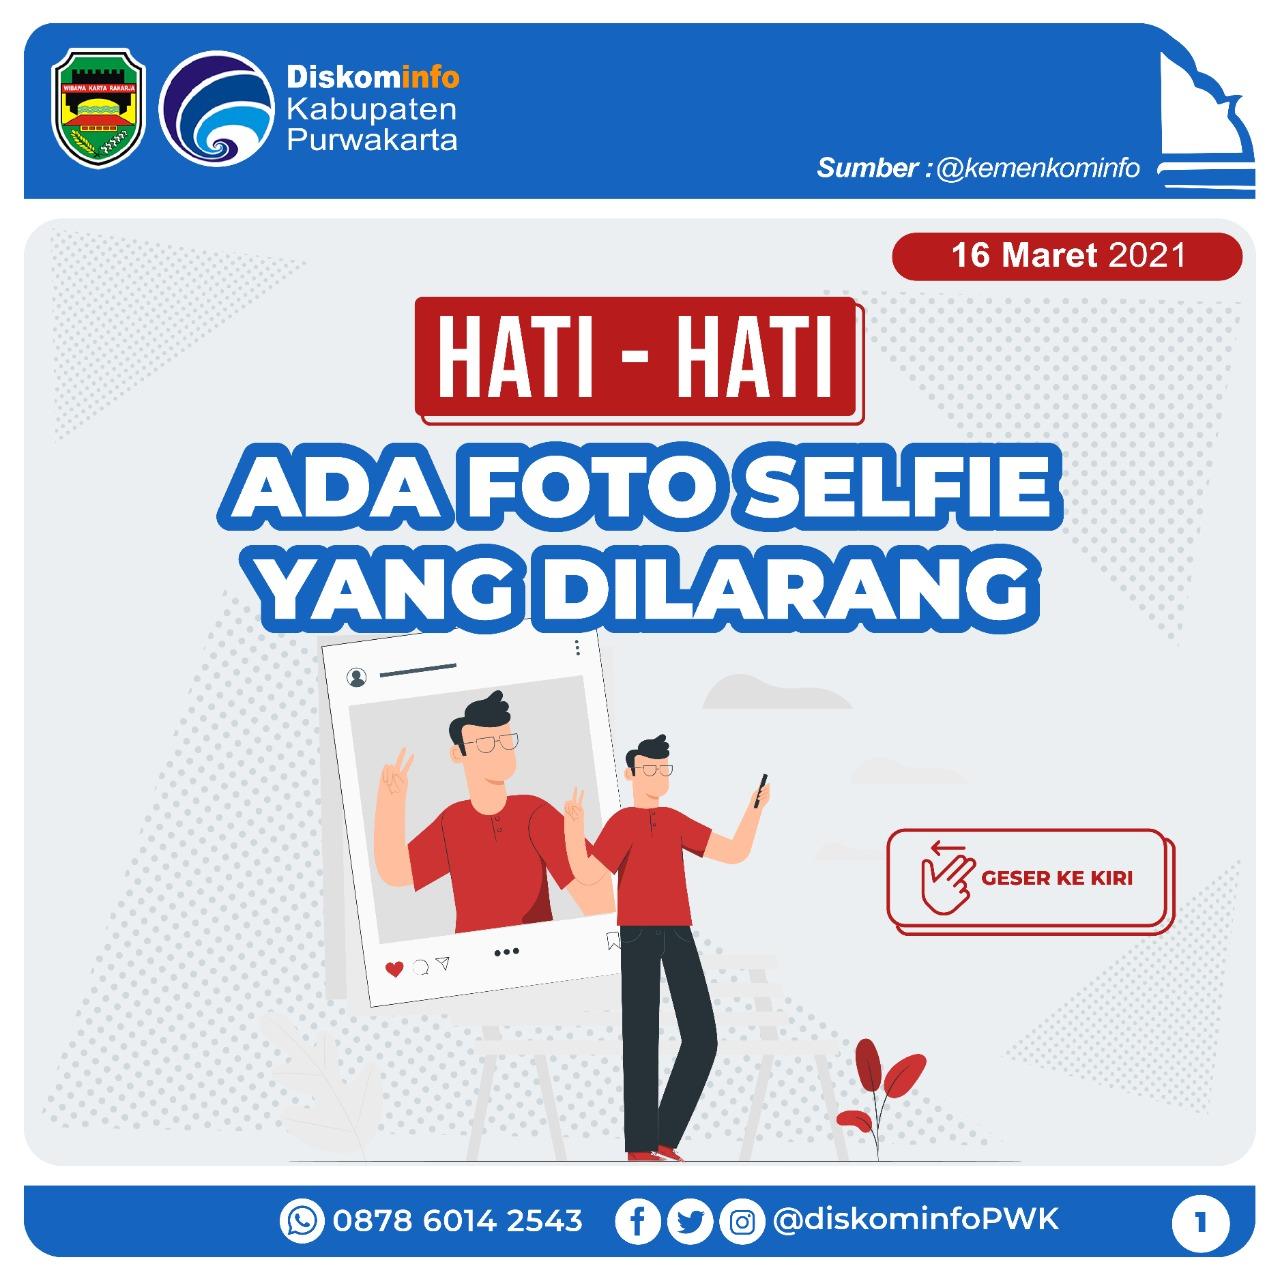 Hati-hati Ada Foto Selfie yang Dilarang